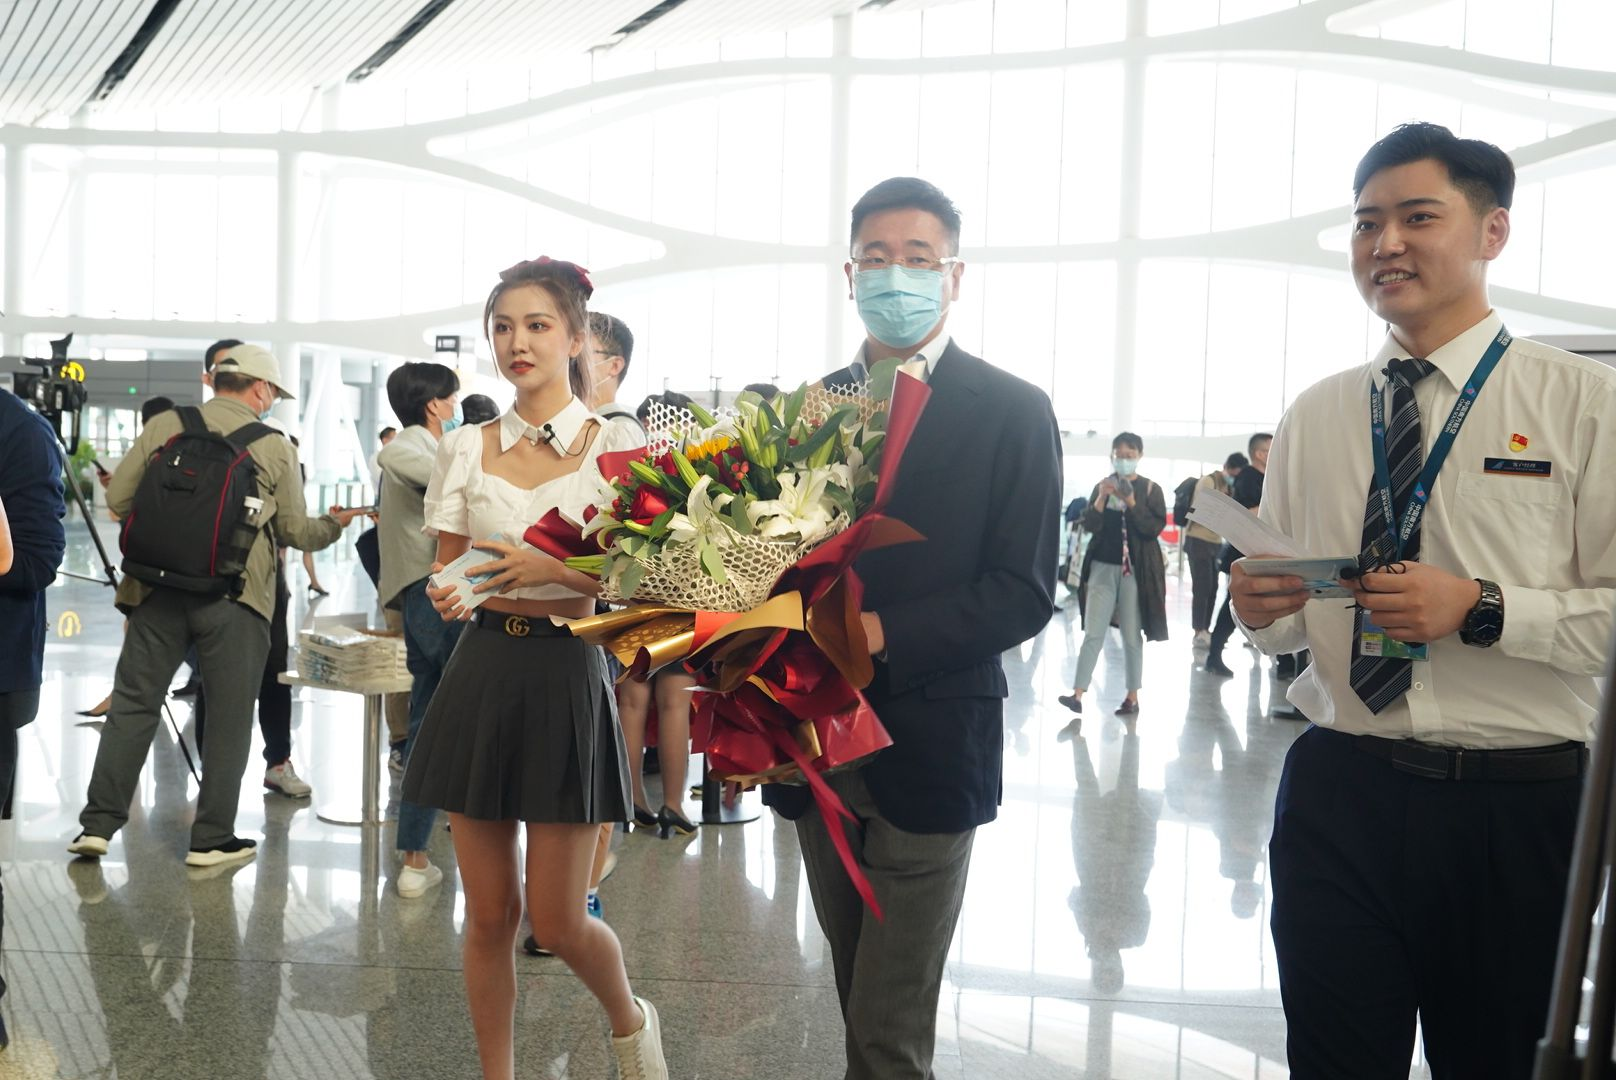 北京大兴机场国内航班全面恢复 年底前有望上线One ID出行功能图片